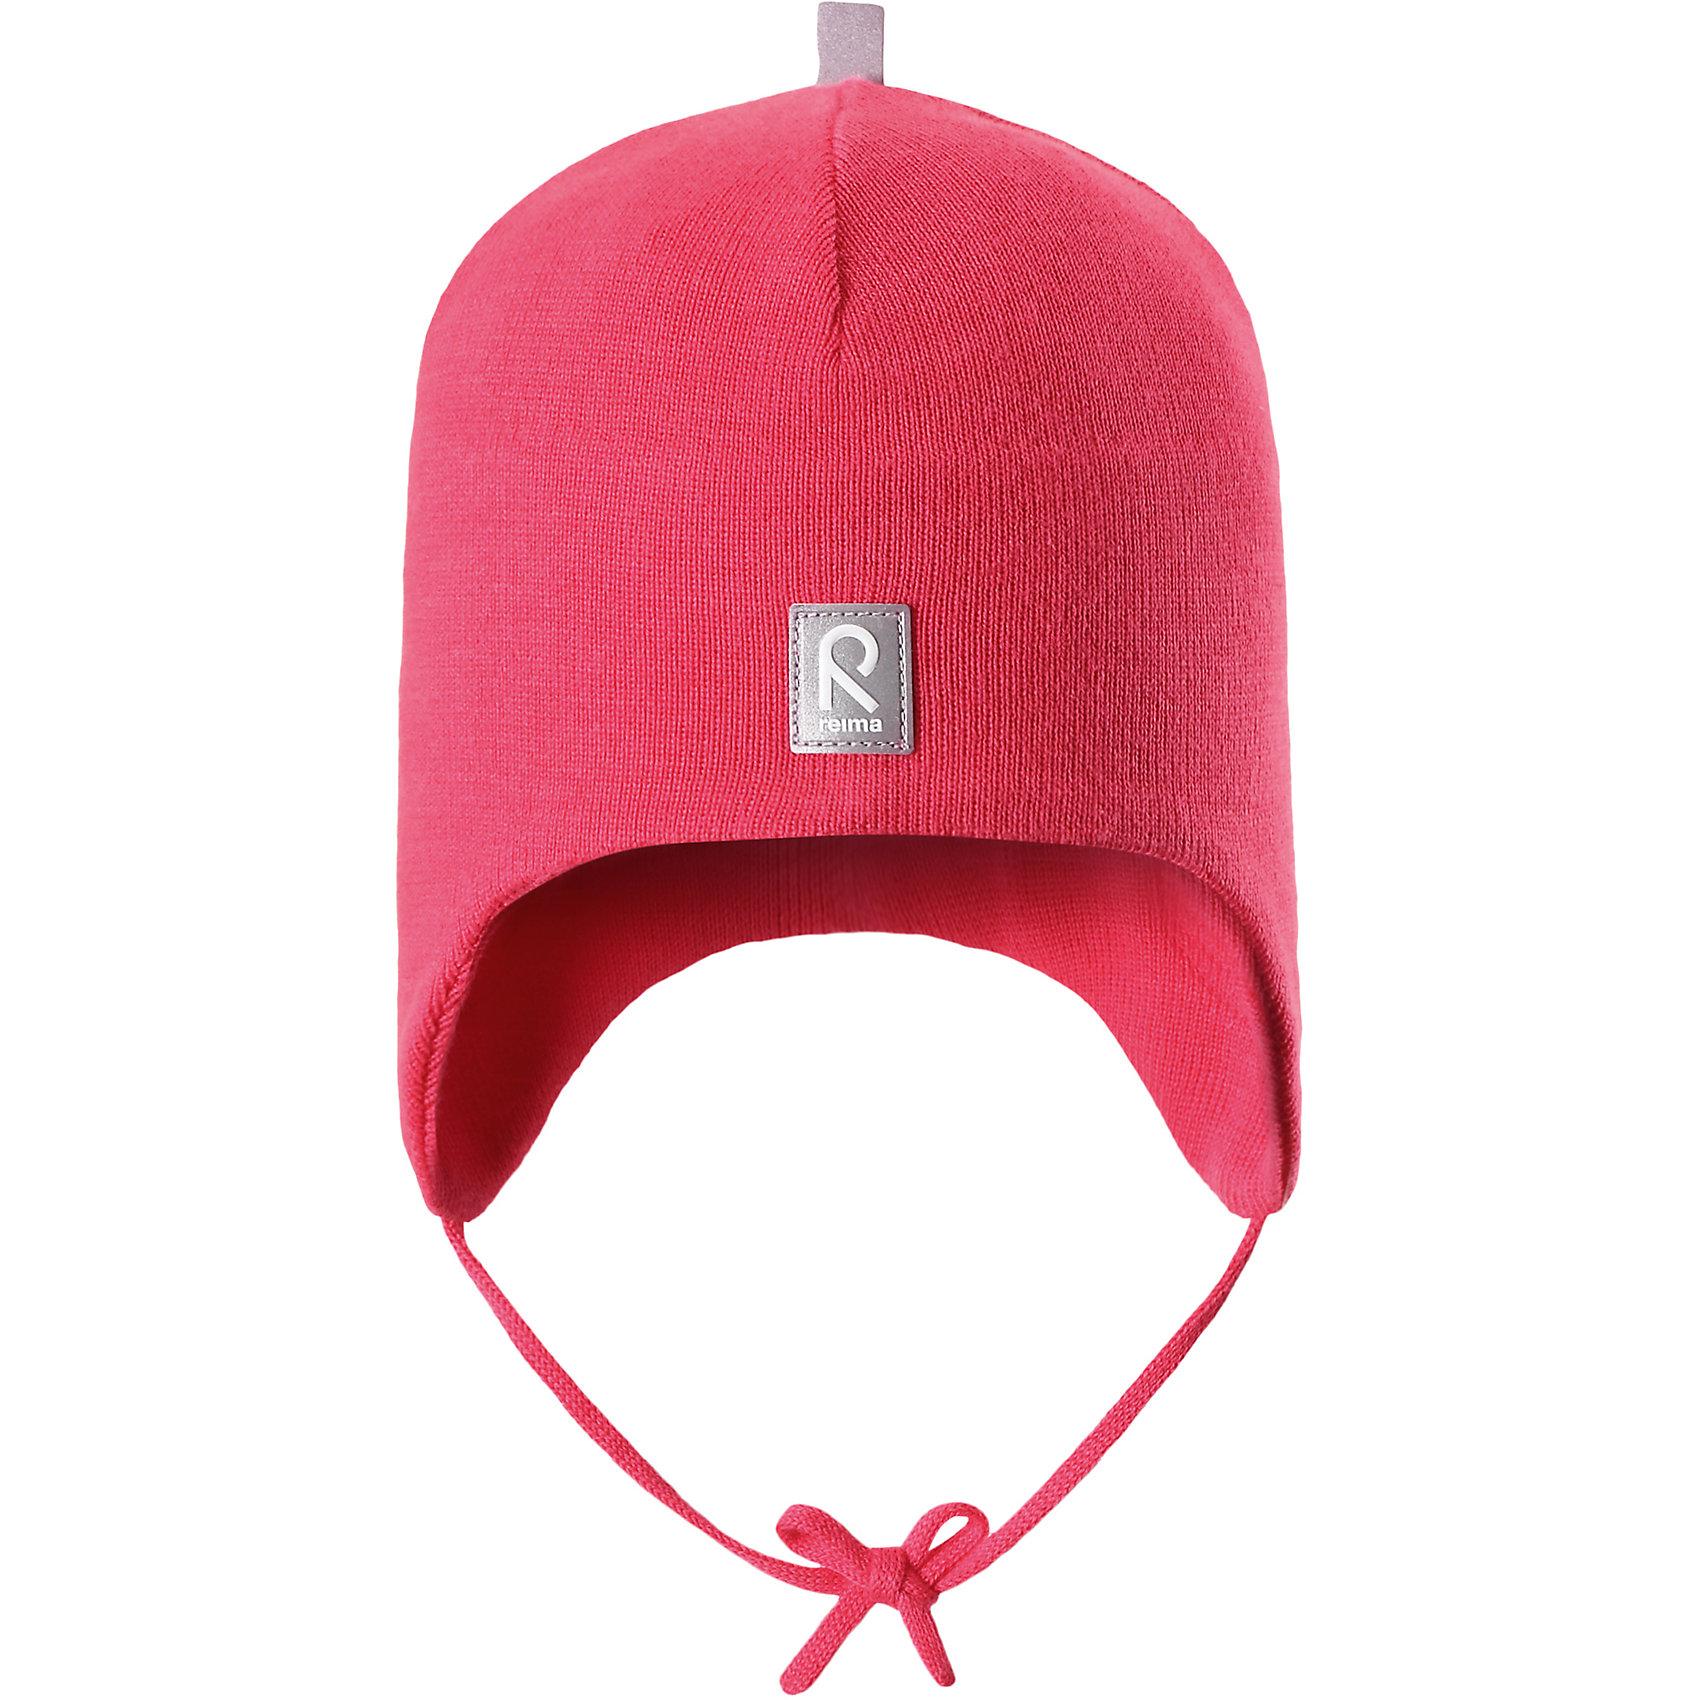 Шапка Aqueous для девочки ReimaШапки и шарфы<br>Характеристики товара:<br><br>• цвет: красный<br>• состав: 100% хлопок<br>• полуподкладка: хлопковый трикотаж<br>• температурный режим: от 0С до +10С<br>• эластичный хлопковый трикотаж<br>• инделие сертифицированно по стандарту Oeko-Tex на продукция класса 1 - одежда для новорождённых<br>• ветронепроницаемые вставки в области ушей<br>• завязки во всех размерах<br>• эмблема Reima спереди<br>• светоотражающие детали<br>• страна бренда: Финляндия<br>• страна производства: Китай<br><br>Детский головной убор может быть модным и удобным одновременно! Стильная шапка поможет обеспечить ребенку комфорт и дополнить наряд. Шапка удобно сидит и аккуратно выглядит. Проста в уходе, долго служит. Стильный дизайн разрабатывался специально для детей. Отличная защита от дождя и ветра!<br><br>Уход:<br><br>• стирать по отдельности, вывернув наизнанку<br>• придать первоначальную форму вo влажном виде<br>• возможна усадка 5 %.<br><br>Шапку от финского бренда Reima (Рейма) можно купить в нашем интернет-магазине.<br><br>Ширина мм: 89<br>Глубина мм: 117<br>Высота мм: 44<br>Вес г: 155<br>Цвет: розовый<br>Возраст от месяцев: 24<br>Возраст до месяцев: 60<br>Пол: Женский<br>Возраст: Детский<br>Размер: 52,50,46,48<br>SKU: 5271110